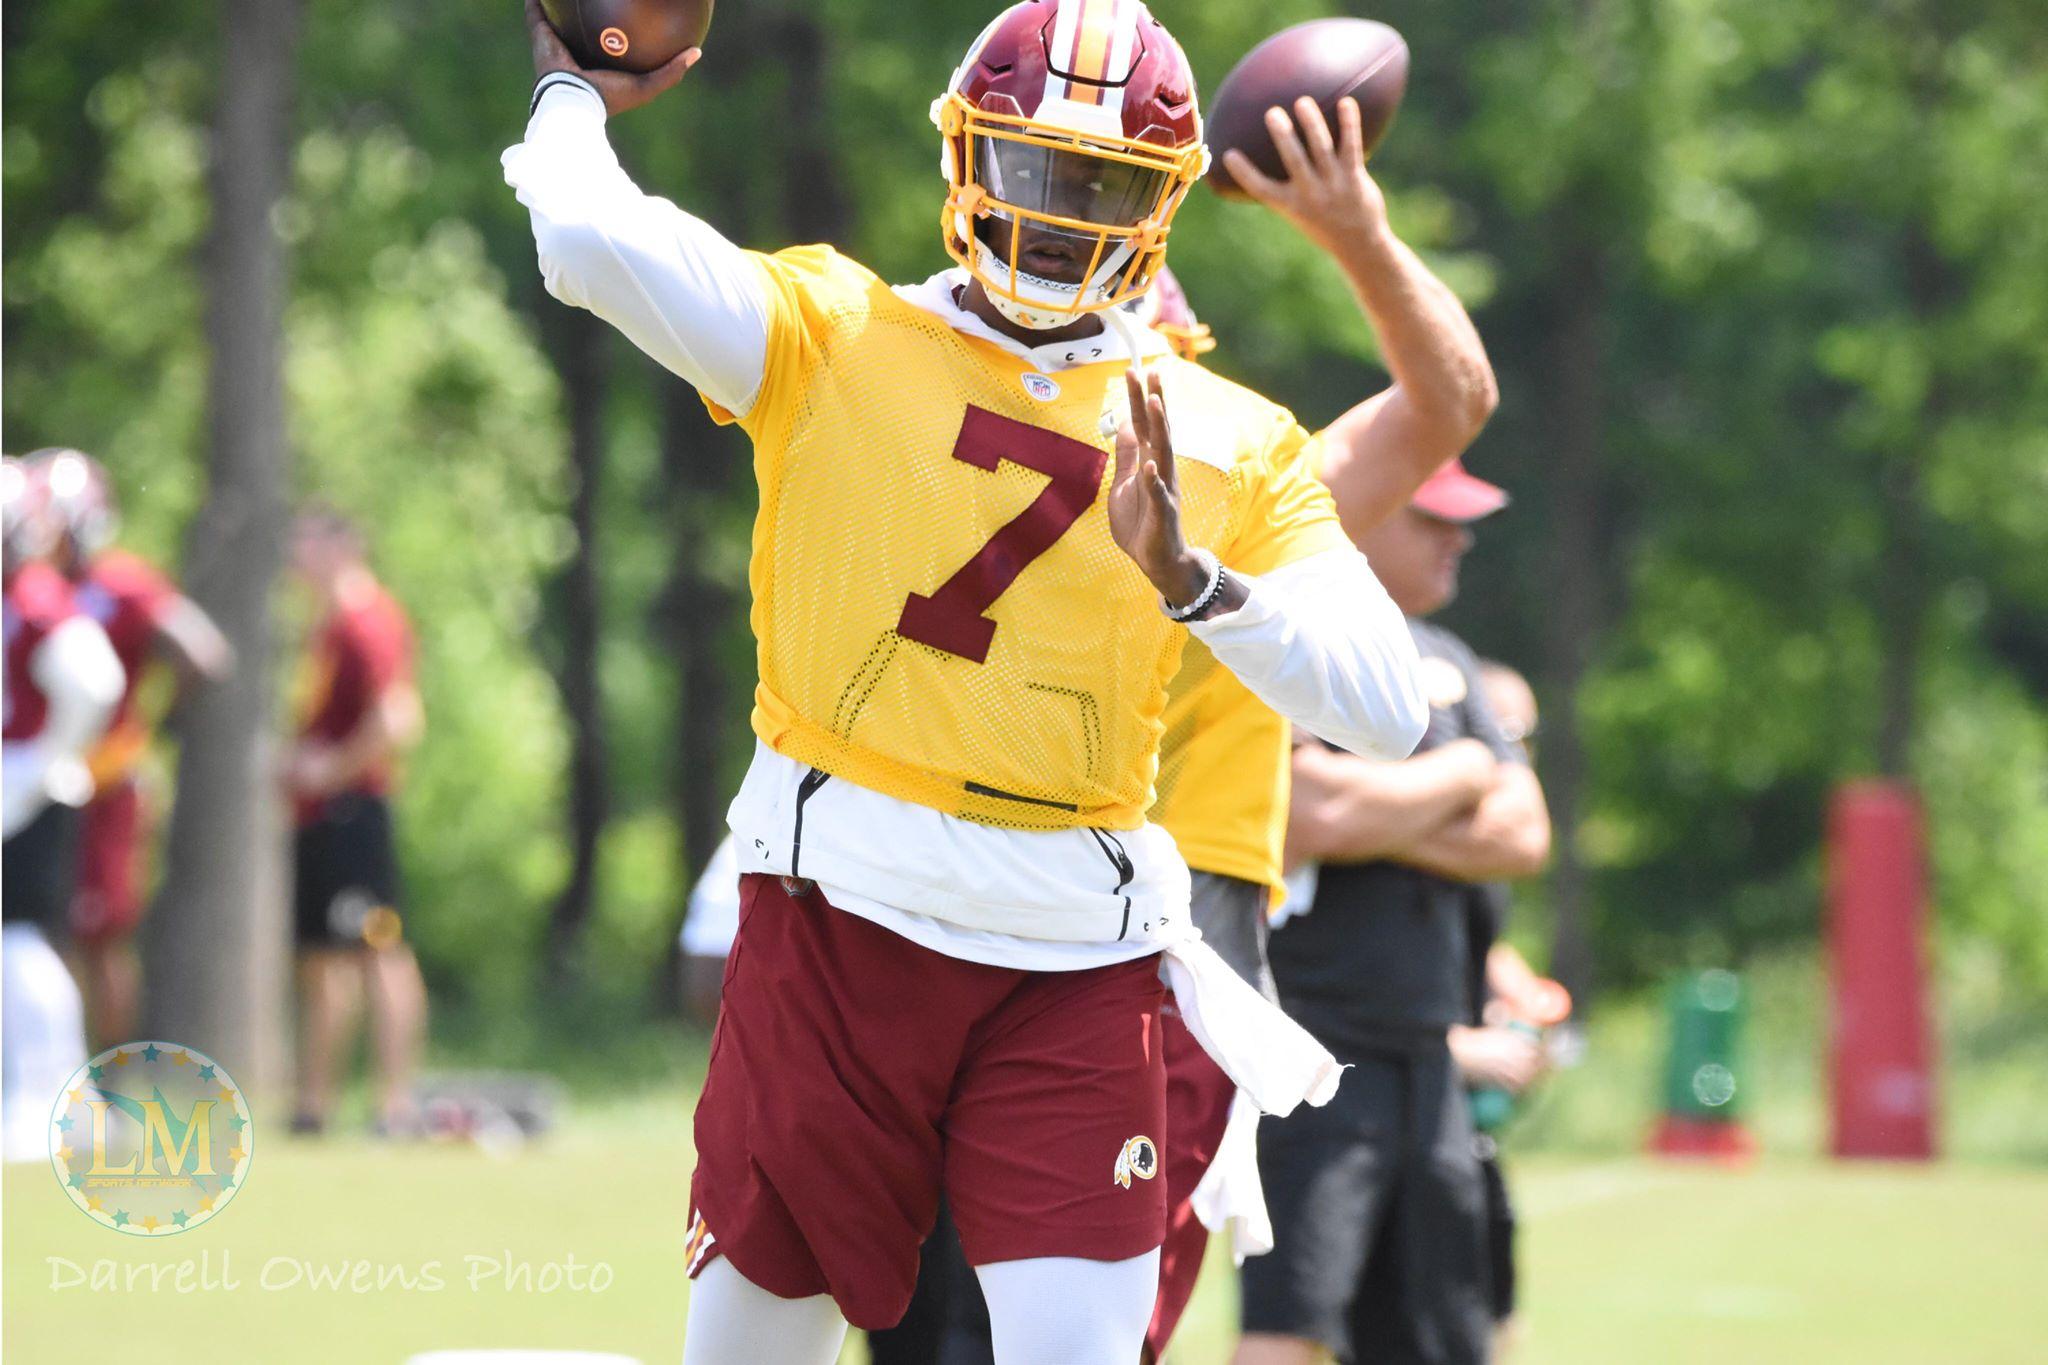 Dwayne Haskins | Redskins